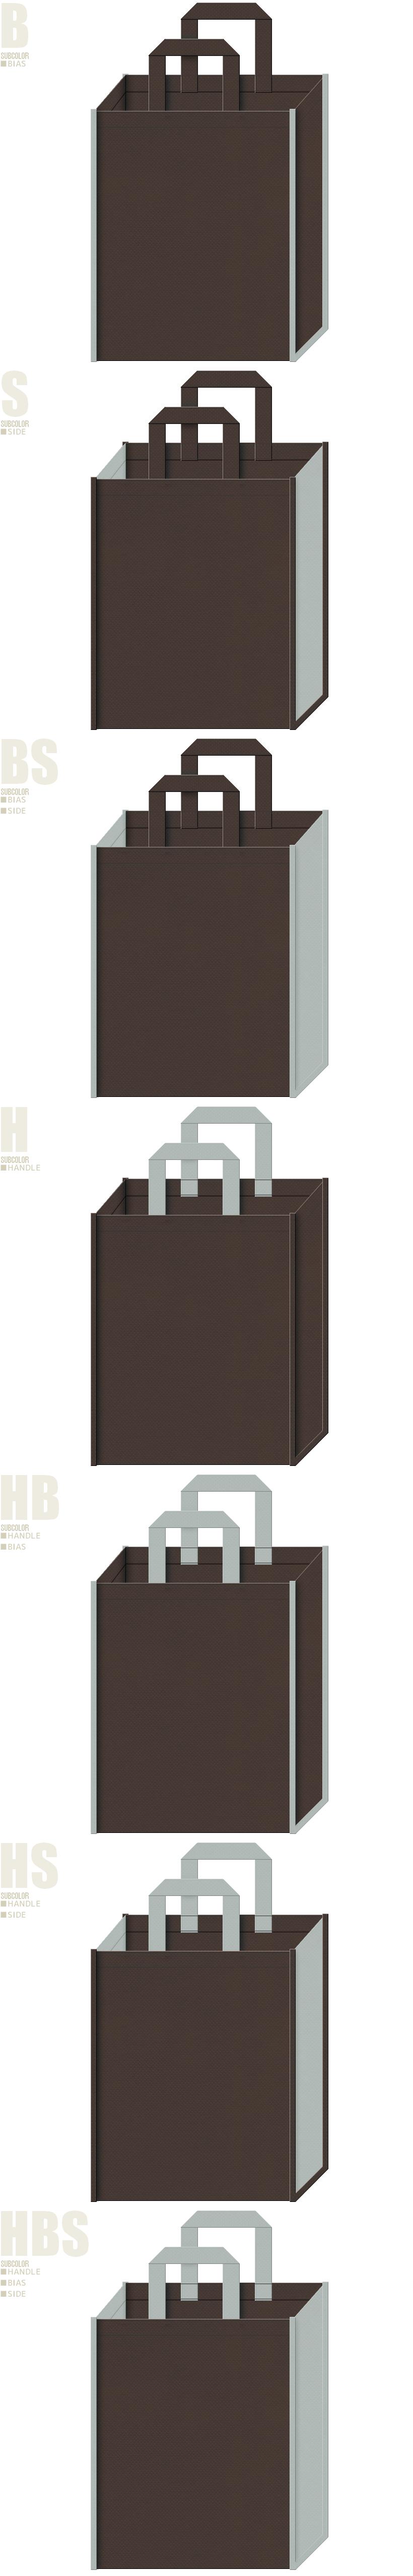 オフィスビルデベロッパー・ビルメンテナンス・建築・設計・図面・什器の展示会用バッグにお奨めの不織布バッグデザイン:こげ茶色とグレー色の不織布バッグ配色7パターン。